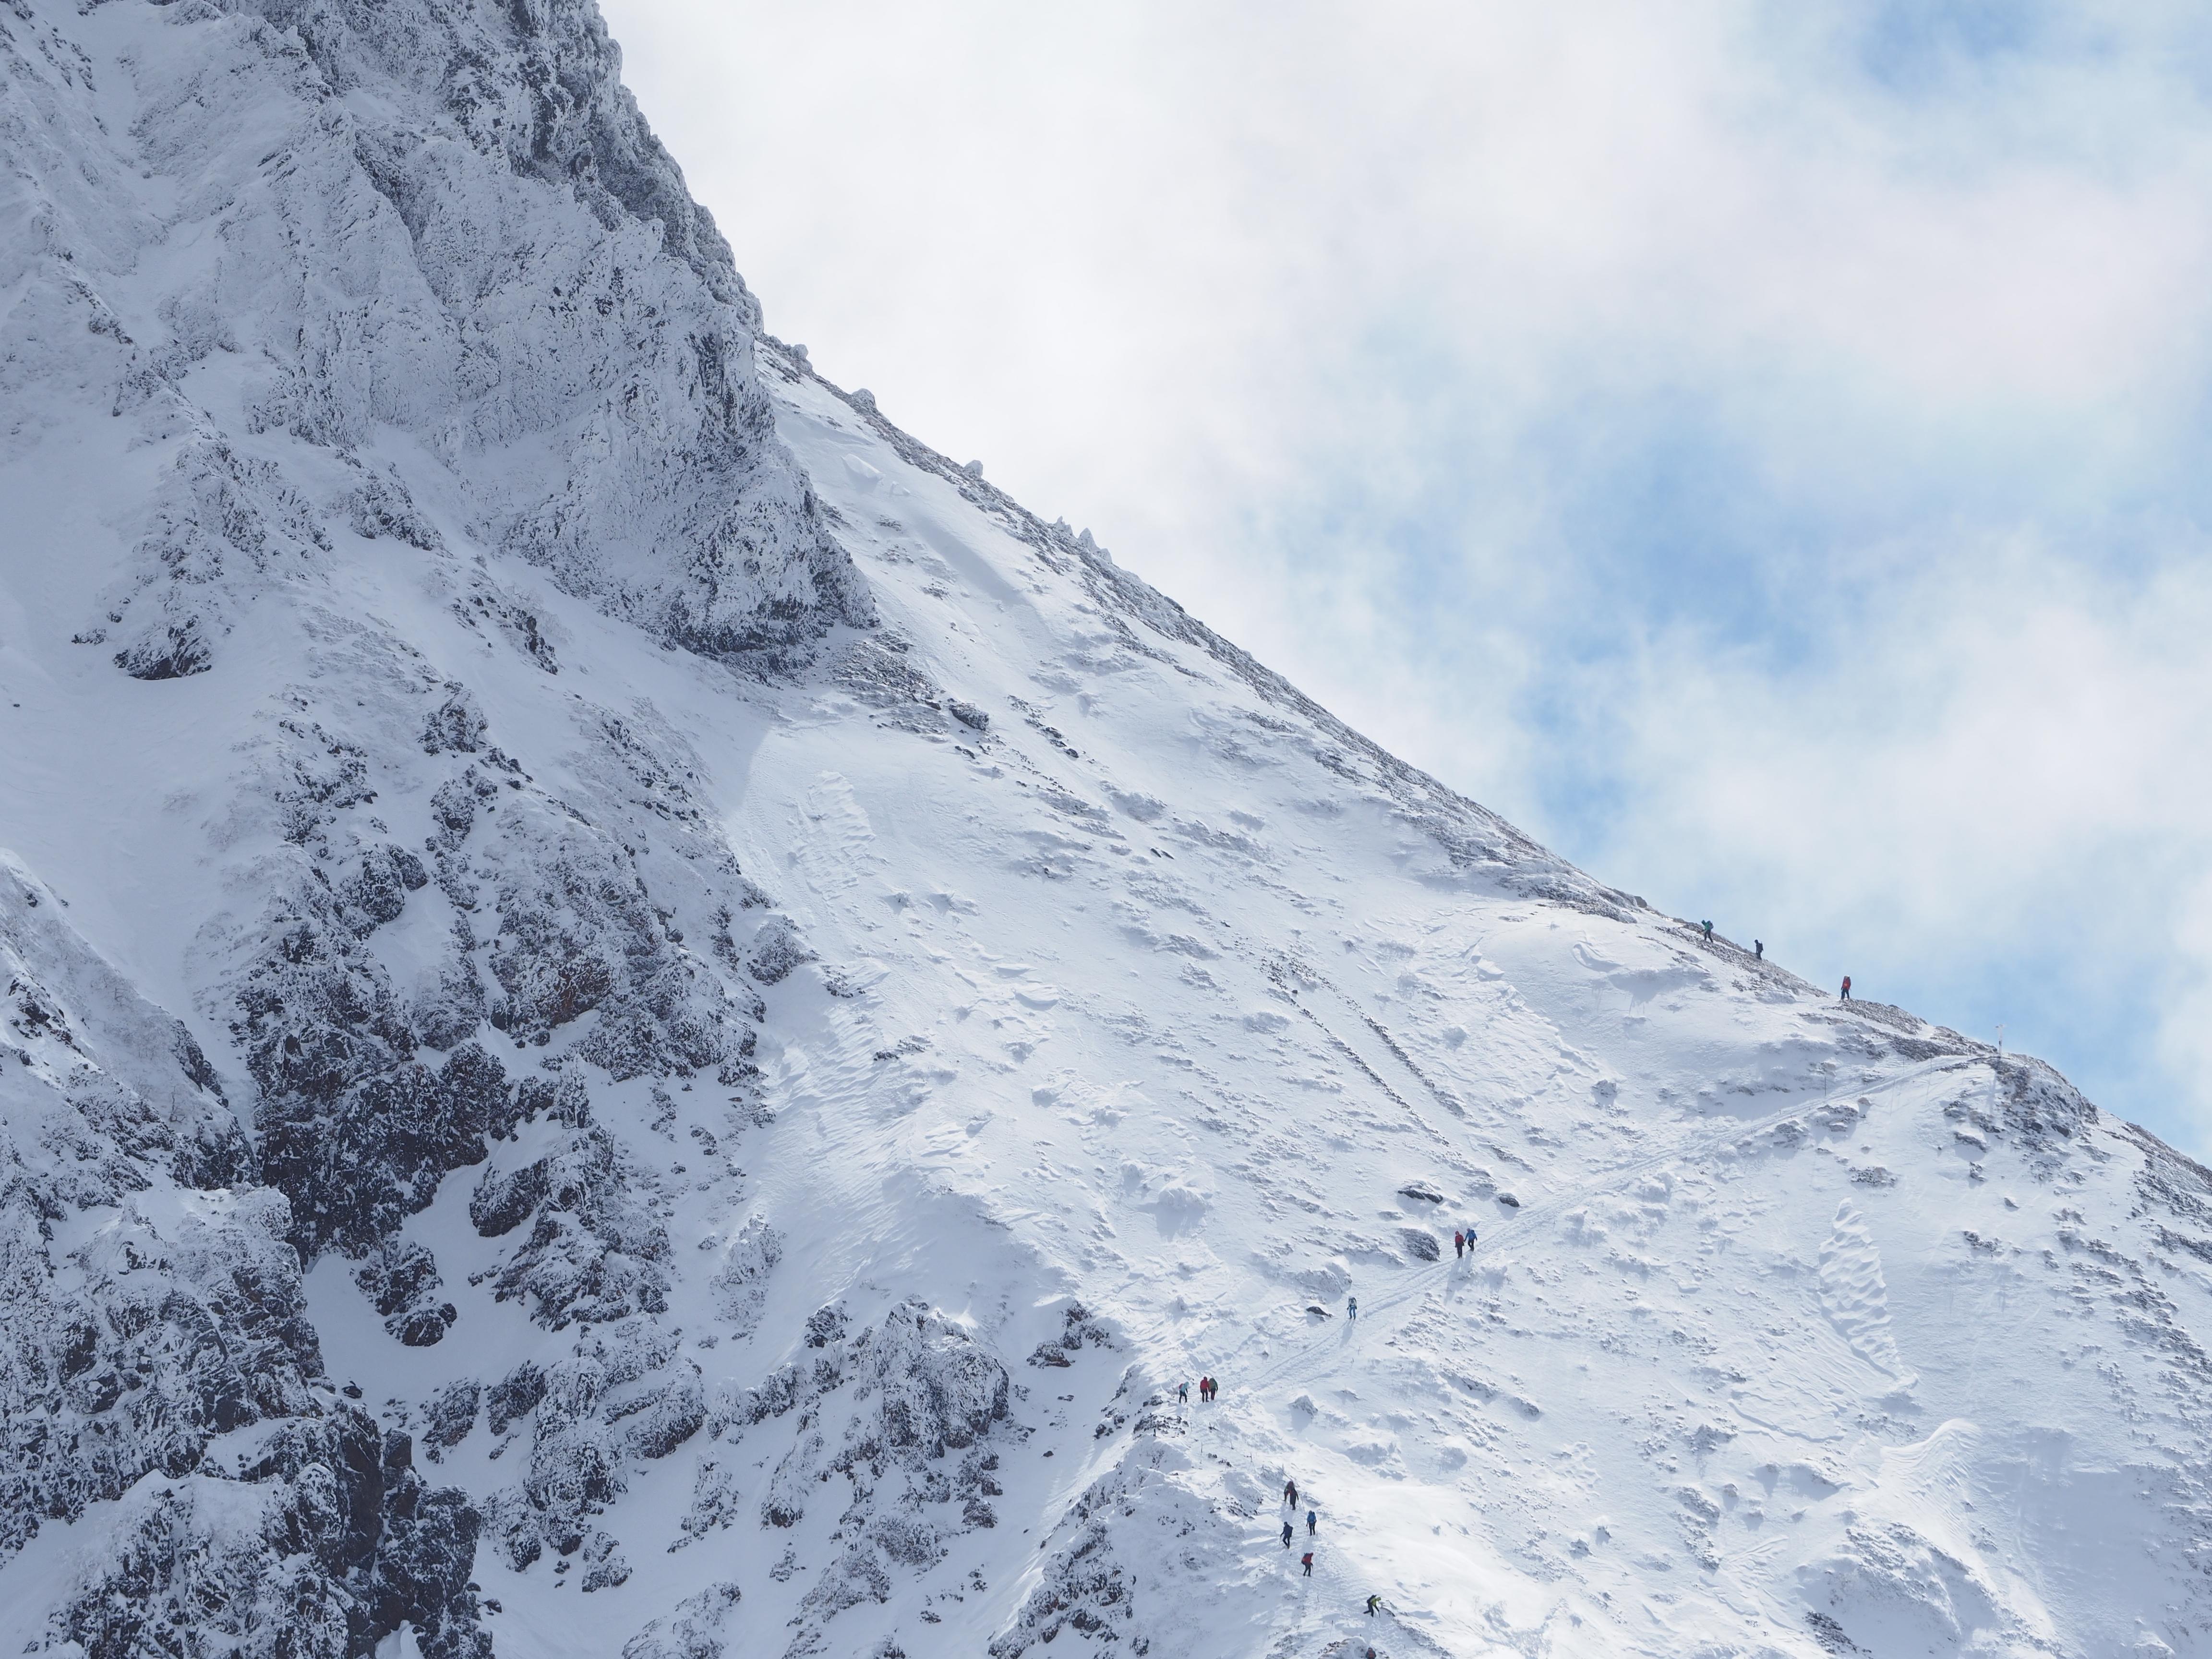 56482 descargar fondo de pantalla Naturaleza, Montaña, Pendiente, Cuesta, Nieve, Personas, Vista Desde Arriba: protectores de pantalla e imágenes gratis